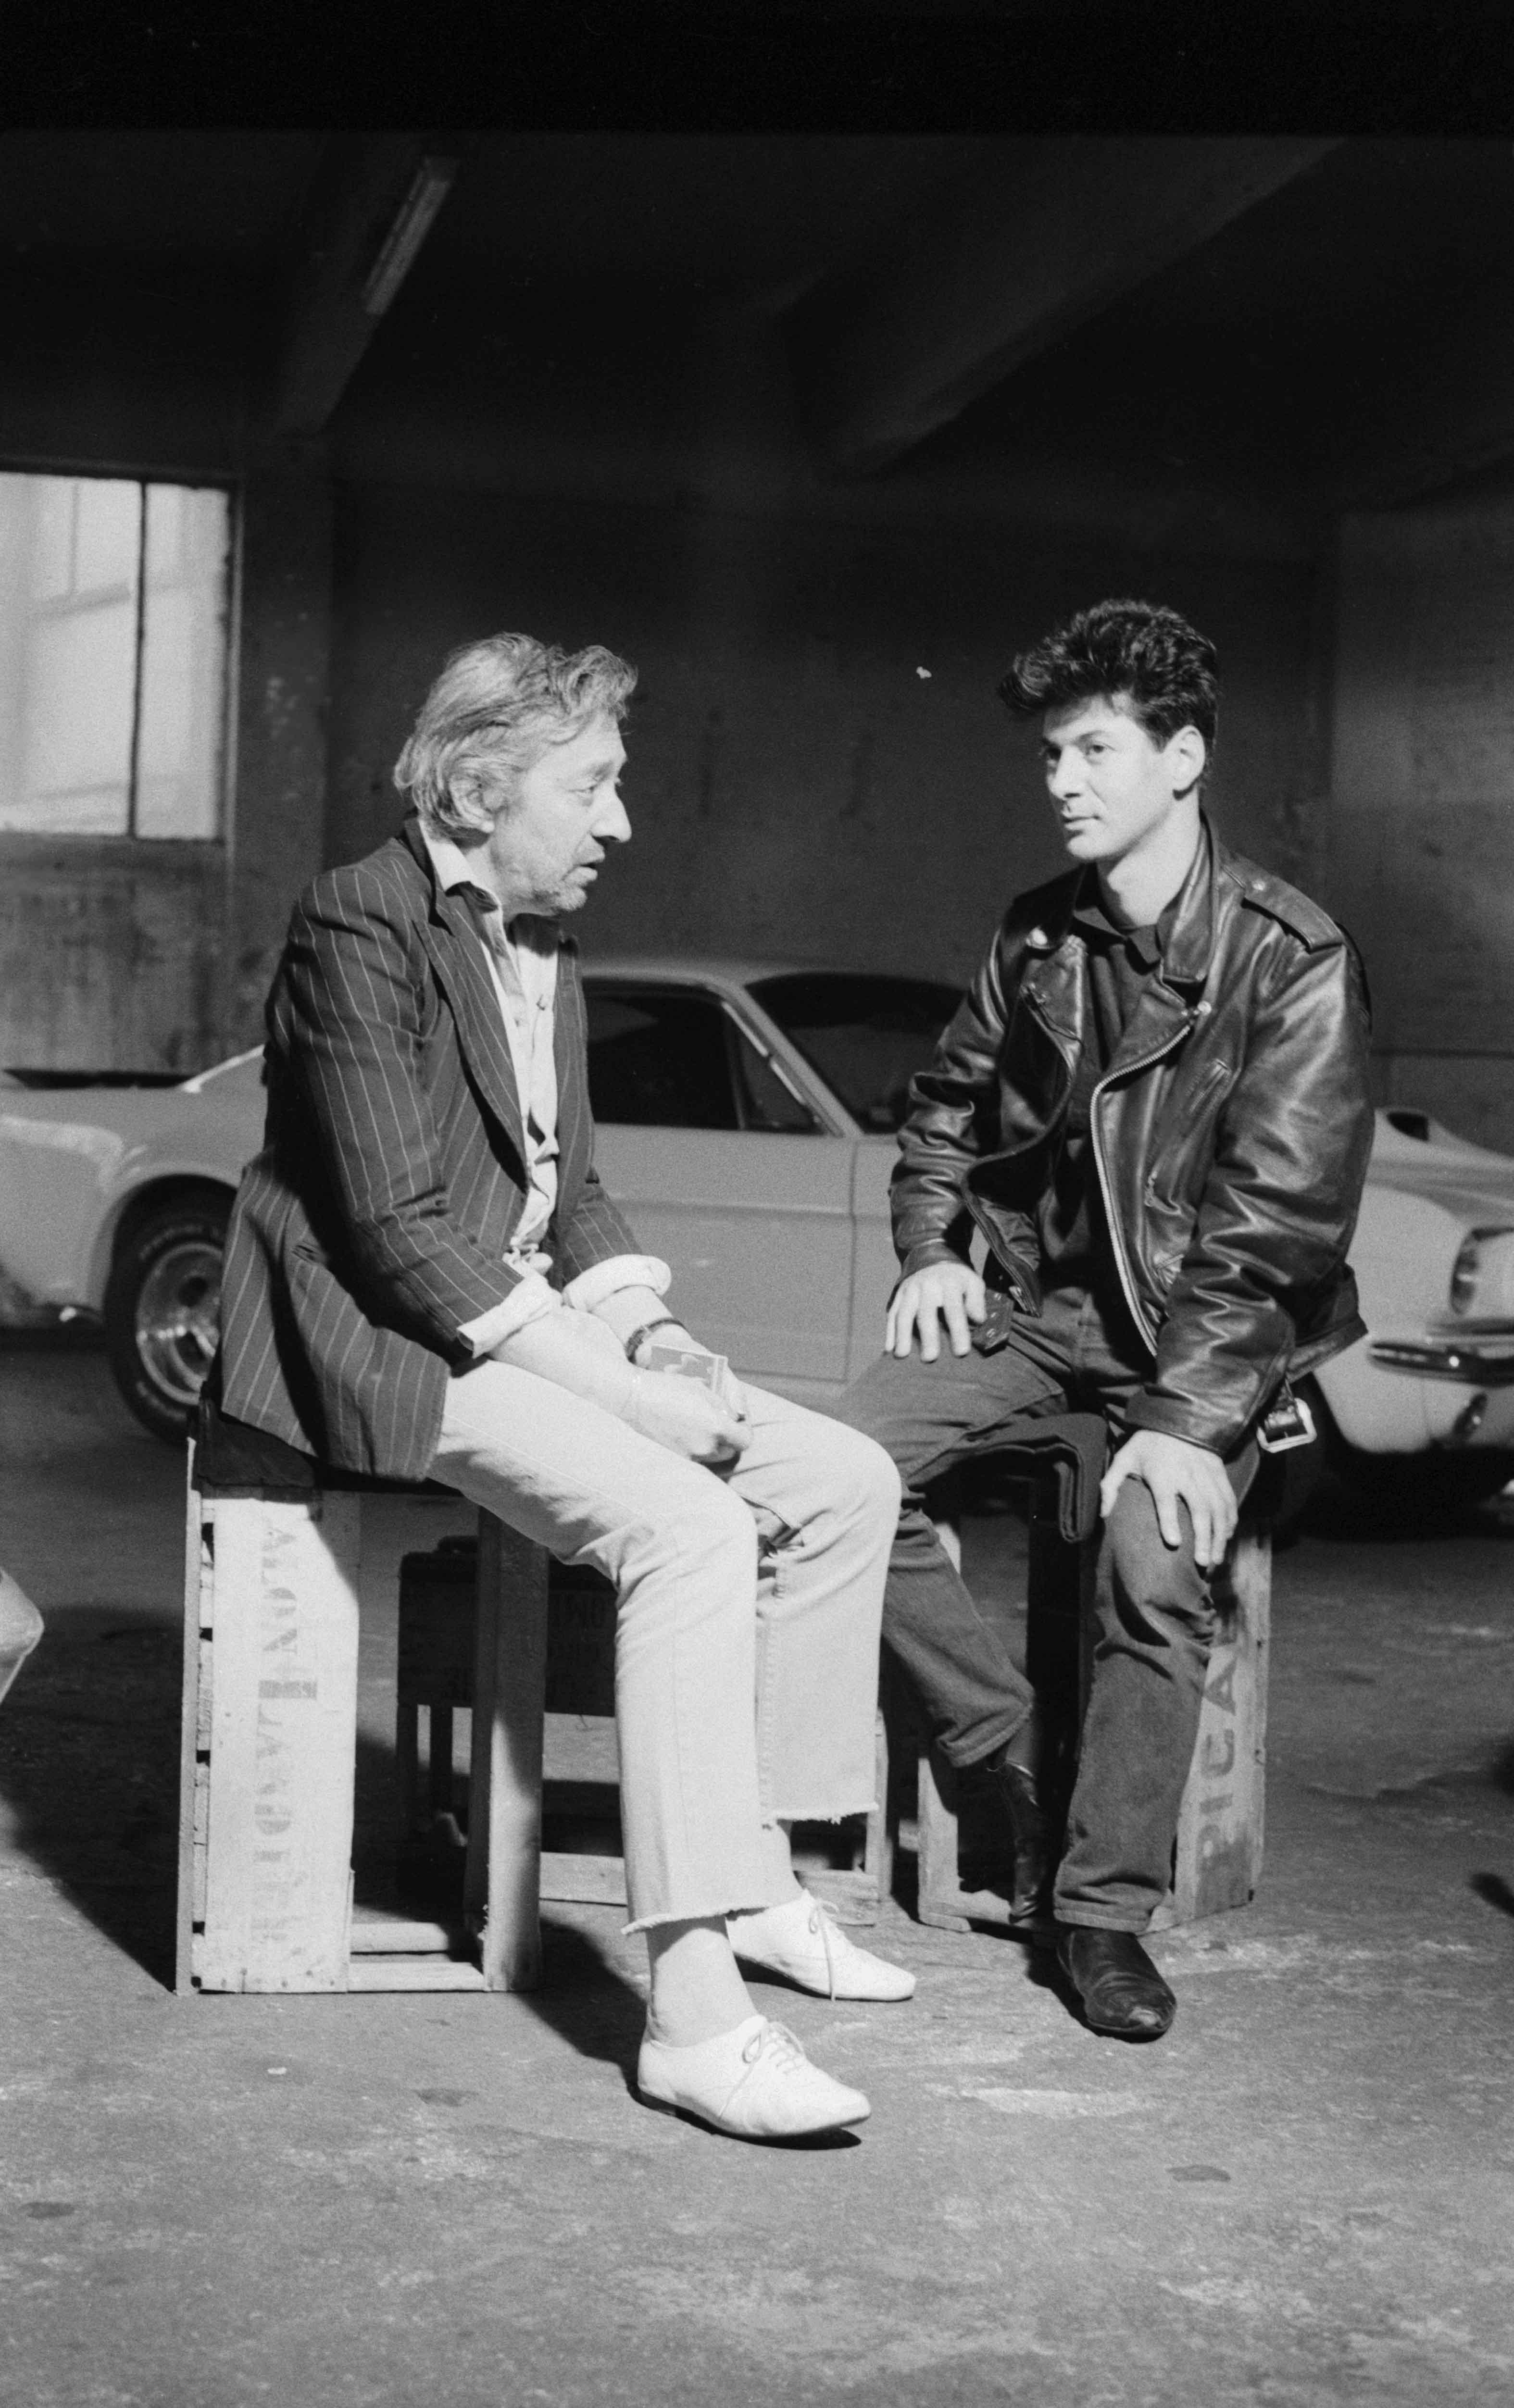 Serge Gainsbourg et Étienne Daho, 1987 ©Claude Delorme